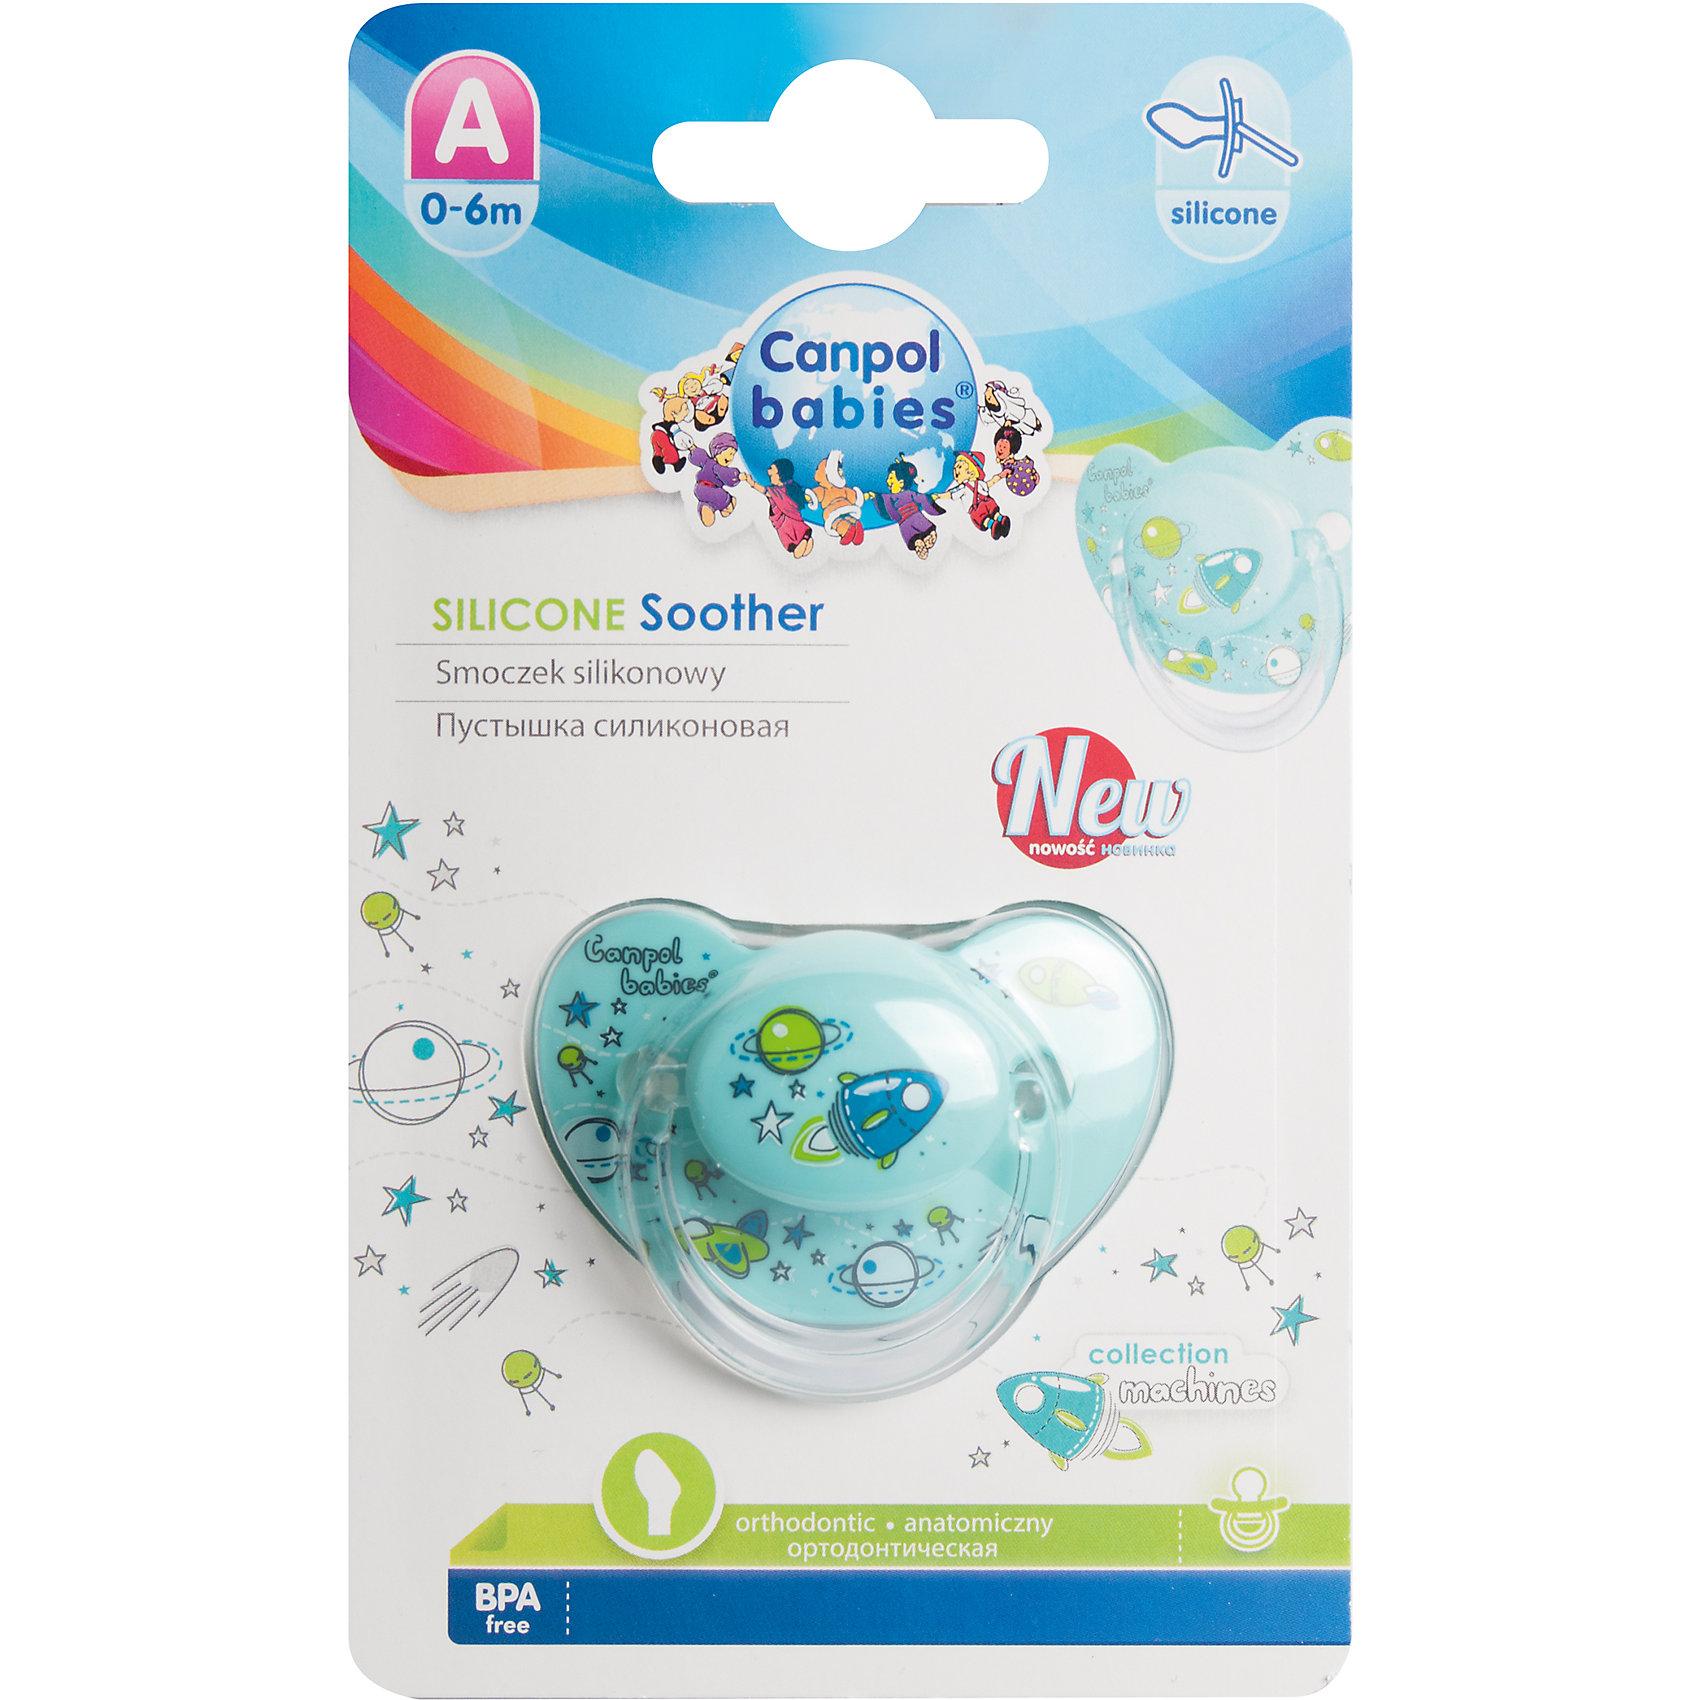 Пустышка анатомическая силиконовая, 0-6 Machines, Canpol Babies, бирюзовыйПустышки и аксессуары<br>Характеристики:<br><br>• Наименование: пустышка<br>• Пол: для мальчика<br>• Материал: силикон, пластик<br>• Цвет: бирюзовый, синий, зеленый<br>• Форма: анатомическая<br>• Наличие отверстий для вентиляции<br>• Наличие кольца для держателя<br>• Особенности ухода: регулярная стерилизация и своевременная замена<br><br>Пустышка анатомическая силиконовая, 0-6 Machines, Canpol Babies, бирюзовый имеет специальную форму, которая обеспечивает правильное давление на небо. Изготовлена из запатентованного вида силикона, который не имеет запаха. При правильном уходе обеспечивает длительное использование. У соски имеется классический ограничитель с отверстиями для вентиляции и кольцо для держателя. Пустышка анатомическая силиконовая, 0-6 Machines, Canpol Babies, бирюзовый выполнена в ярком дизайне в космической тематике.<br><br>Пустышку анатомическую силиконовую, 0-6 Machines, Canpol Babies, бирюзовую можно купить в нашем интернет-магазине.<br><br>Ширина мм: 95<br>Глубина мм: 45<br>Высота мм: 155<br>Вес г: 110<br>Возраст от месяцев: 0<br>Возраст до месяцев: 6<br>Пол: Мужской<br>Возраст: Детский<br>SKU: 5156601